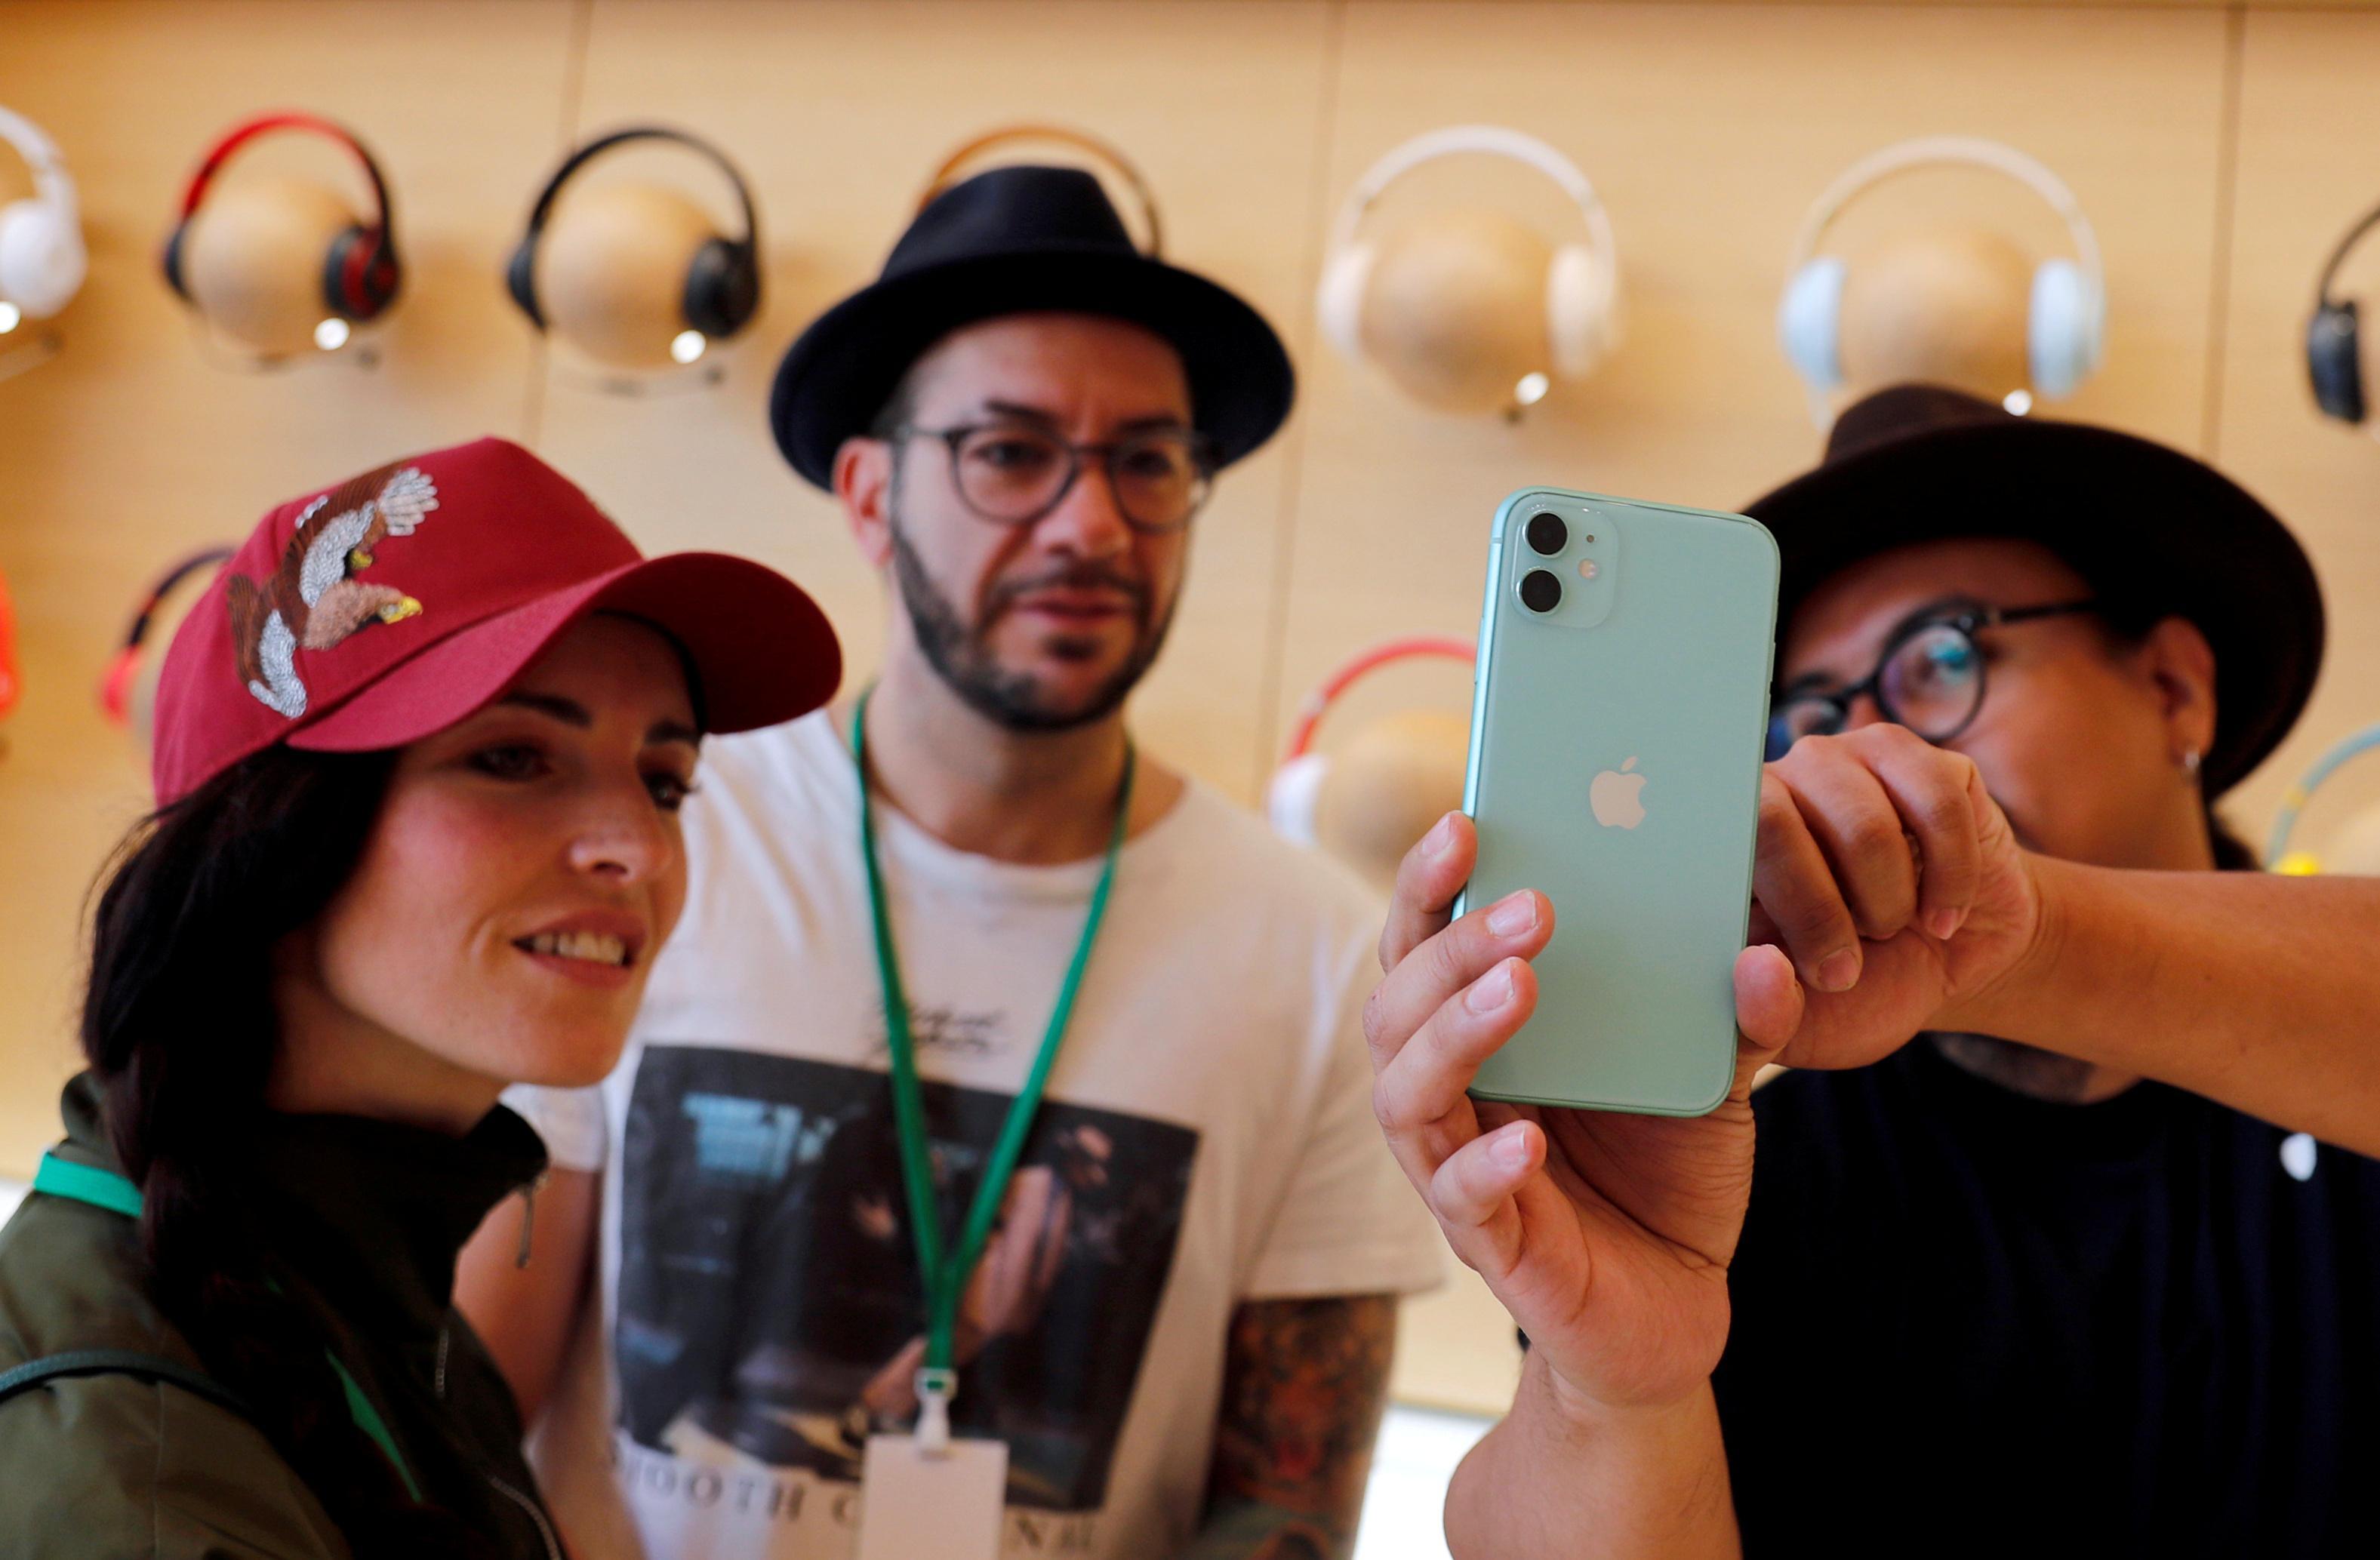 Exclusif: les fabricants d'applications iPhone interrogés dans une enquête antitrust américaine sur Apple – sources